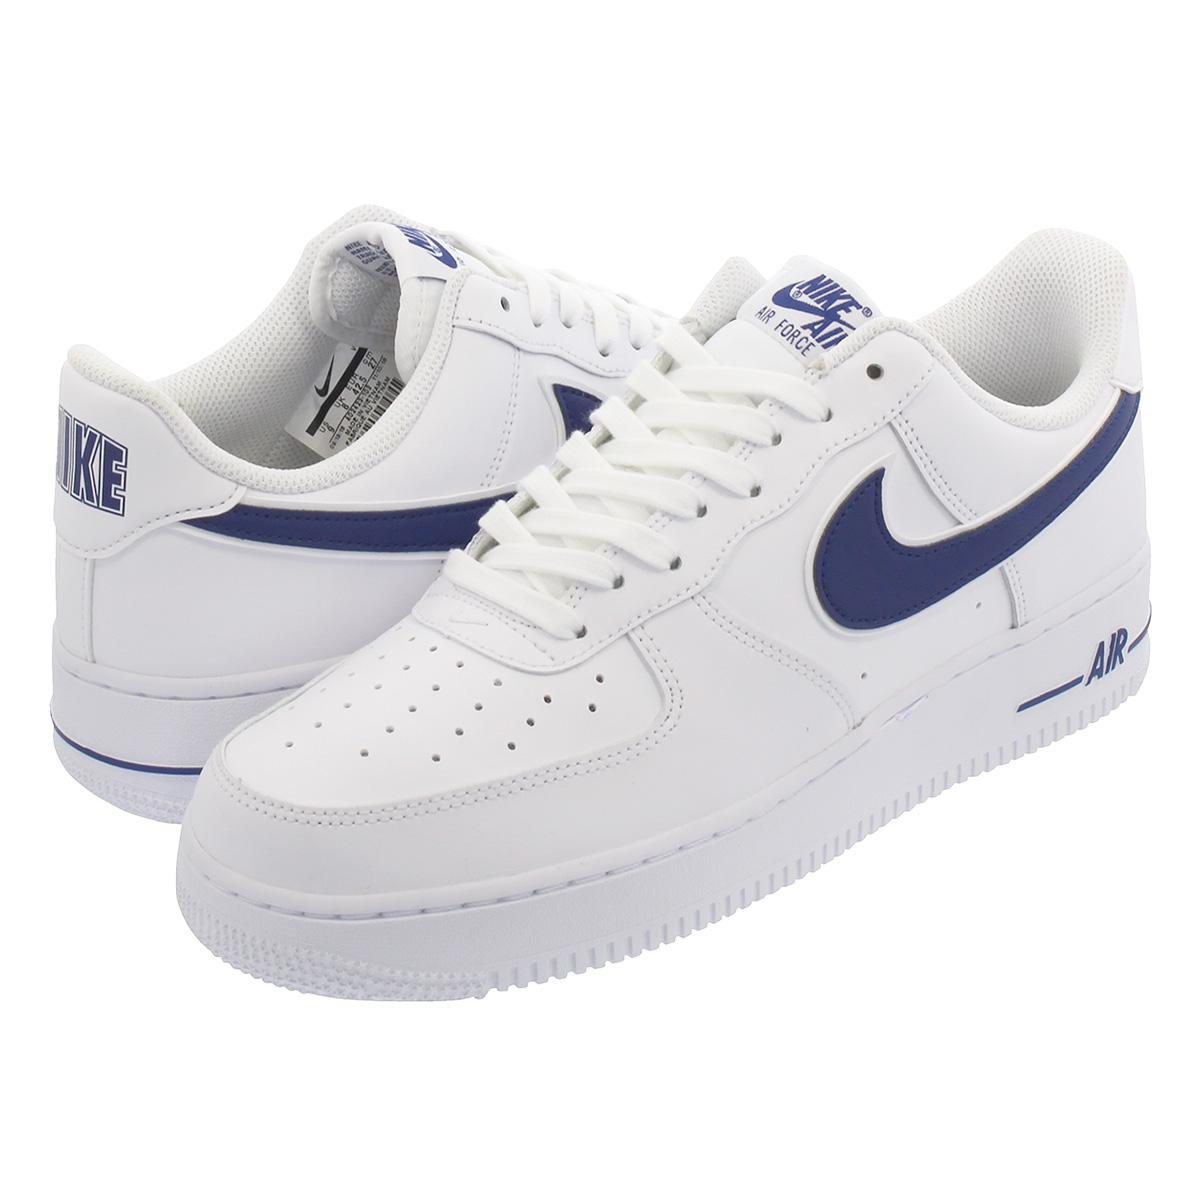 meet 4267c 2a5cf NIKE AIR FORCE 1  07 Nike air force 1  07 WHITE DEEP ROYAL ...